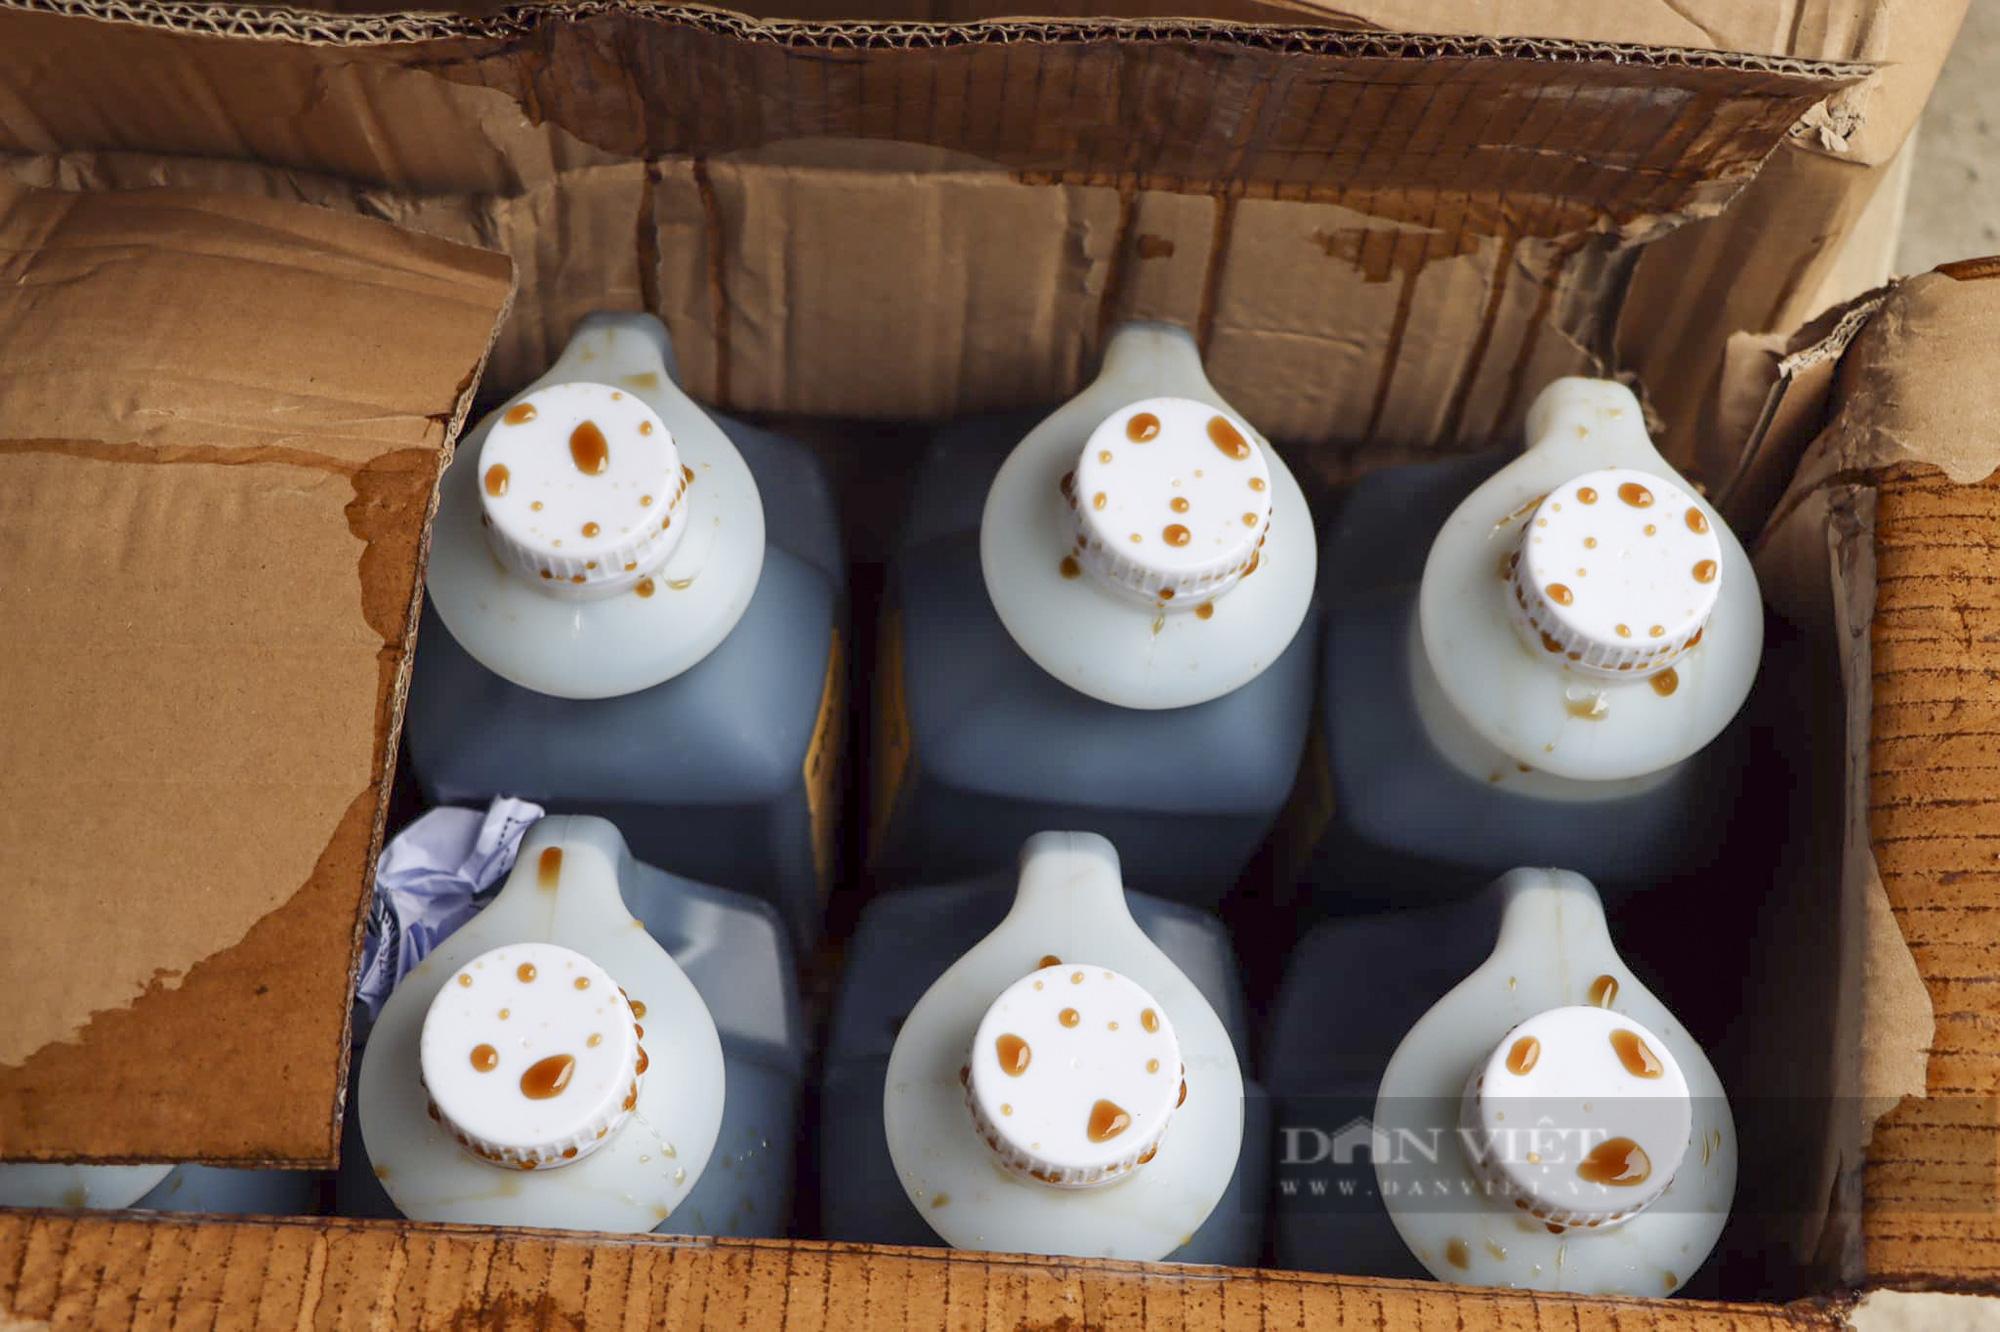 Hà Nội tạm giữ hàng tấn nguyên liệu trà sữa không hóa đơn chứng từ - Ảnh 5.